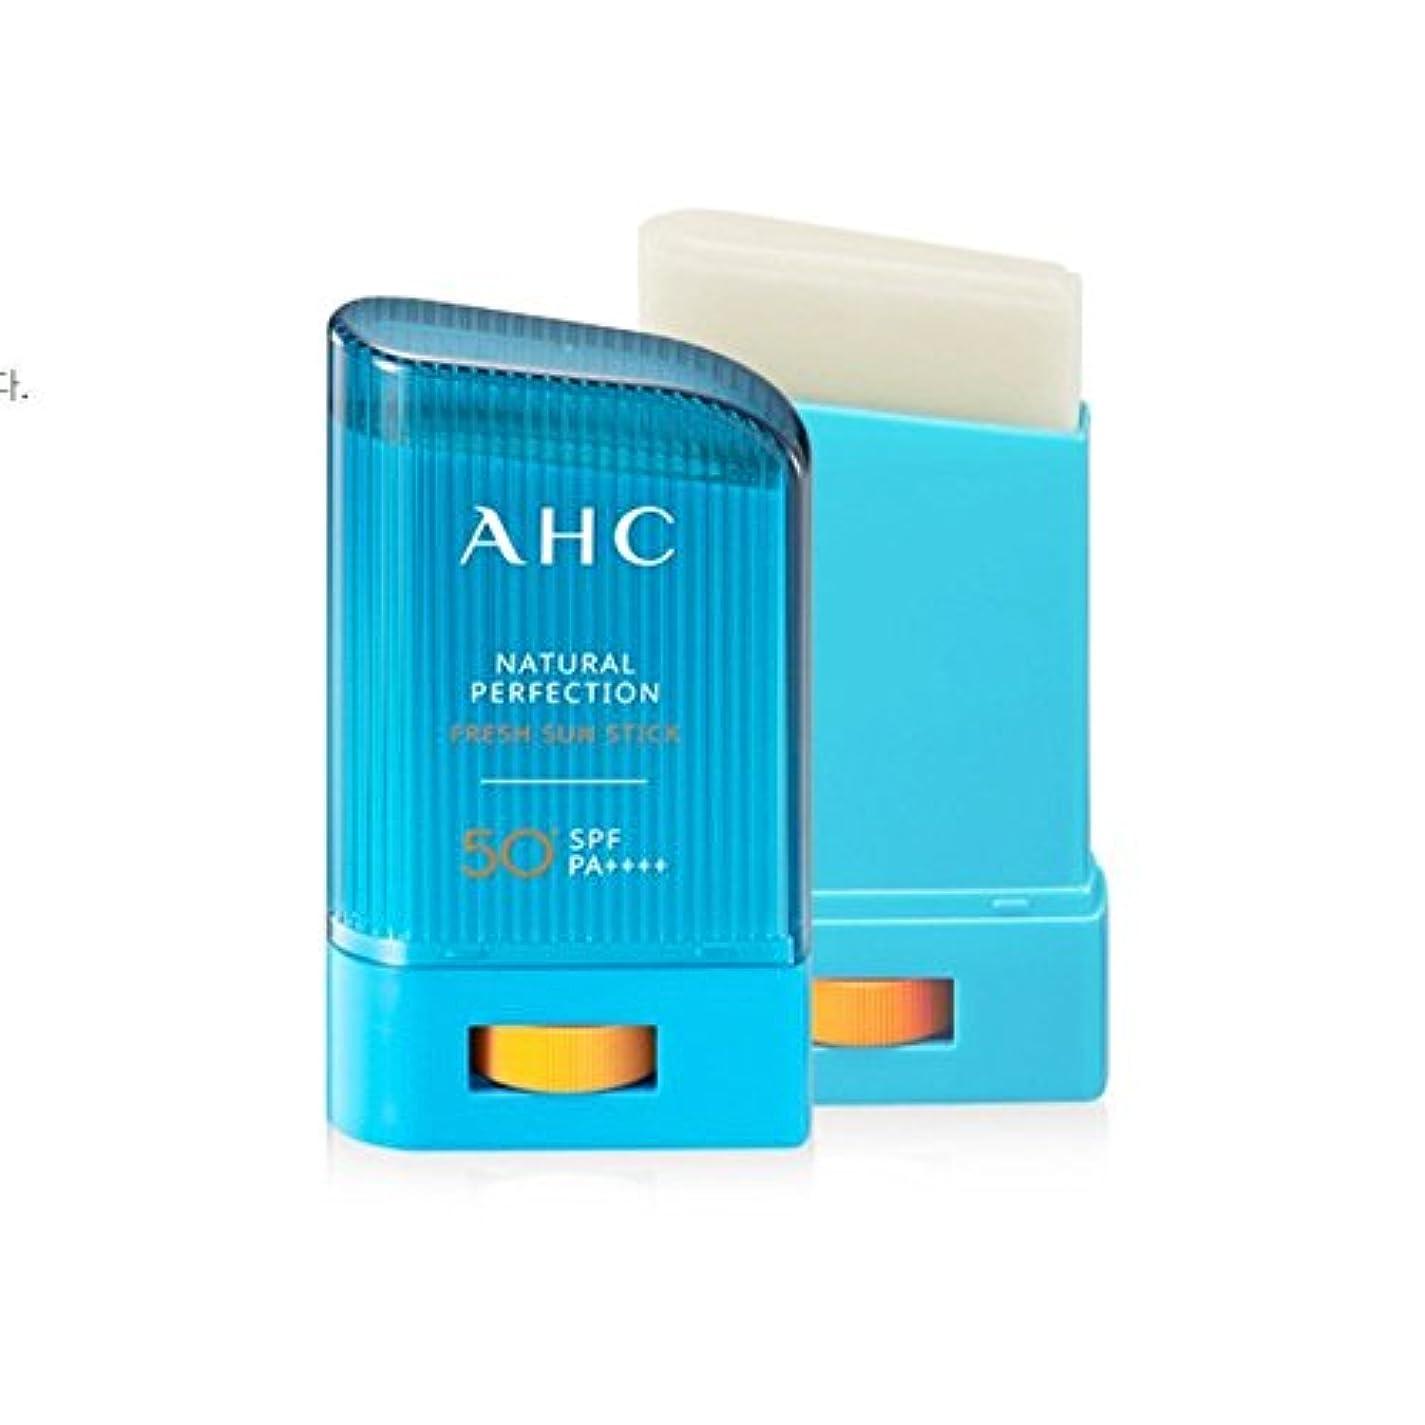 契約適応的見ました[1+1] AHC Natural Perfection Fresh Sun Stick ナチュラルパーフェクションフレッシュサンスティック 22g * 2個 [並行輸入品]